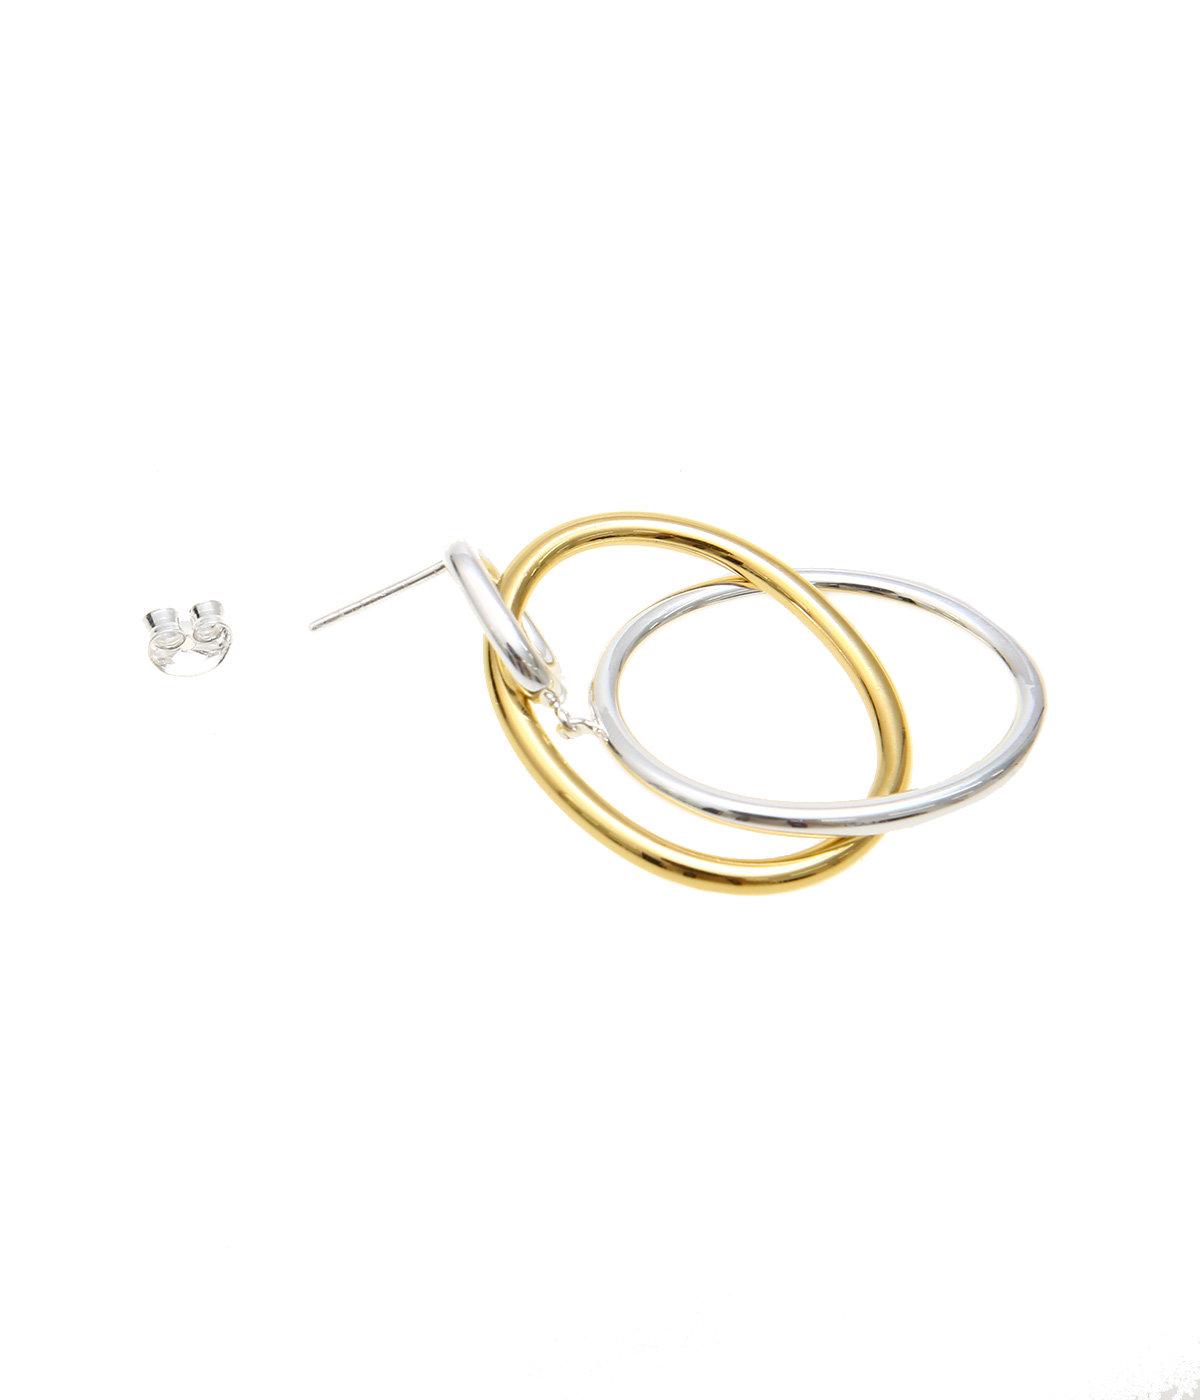 【レディース】Patxi earing brass Bicolor